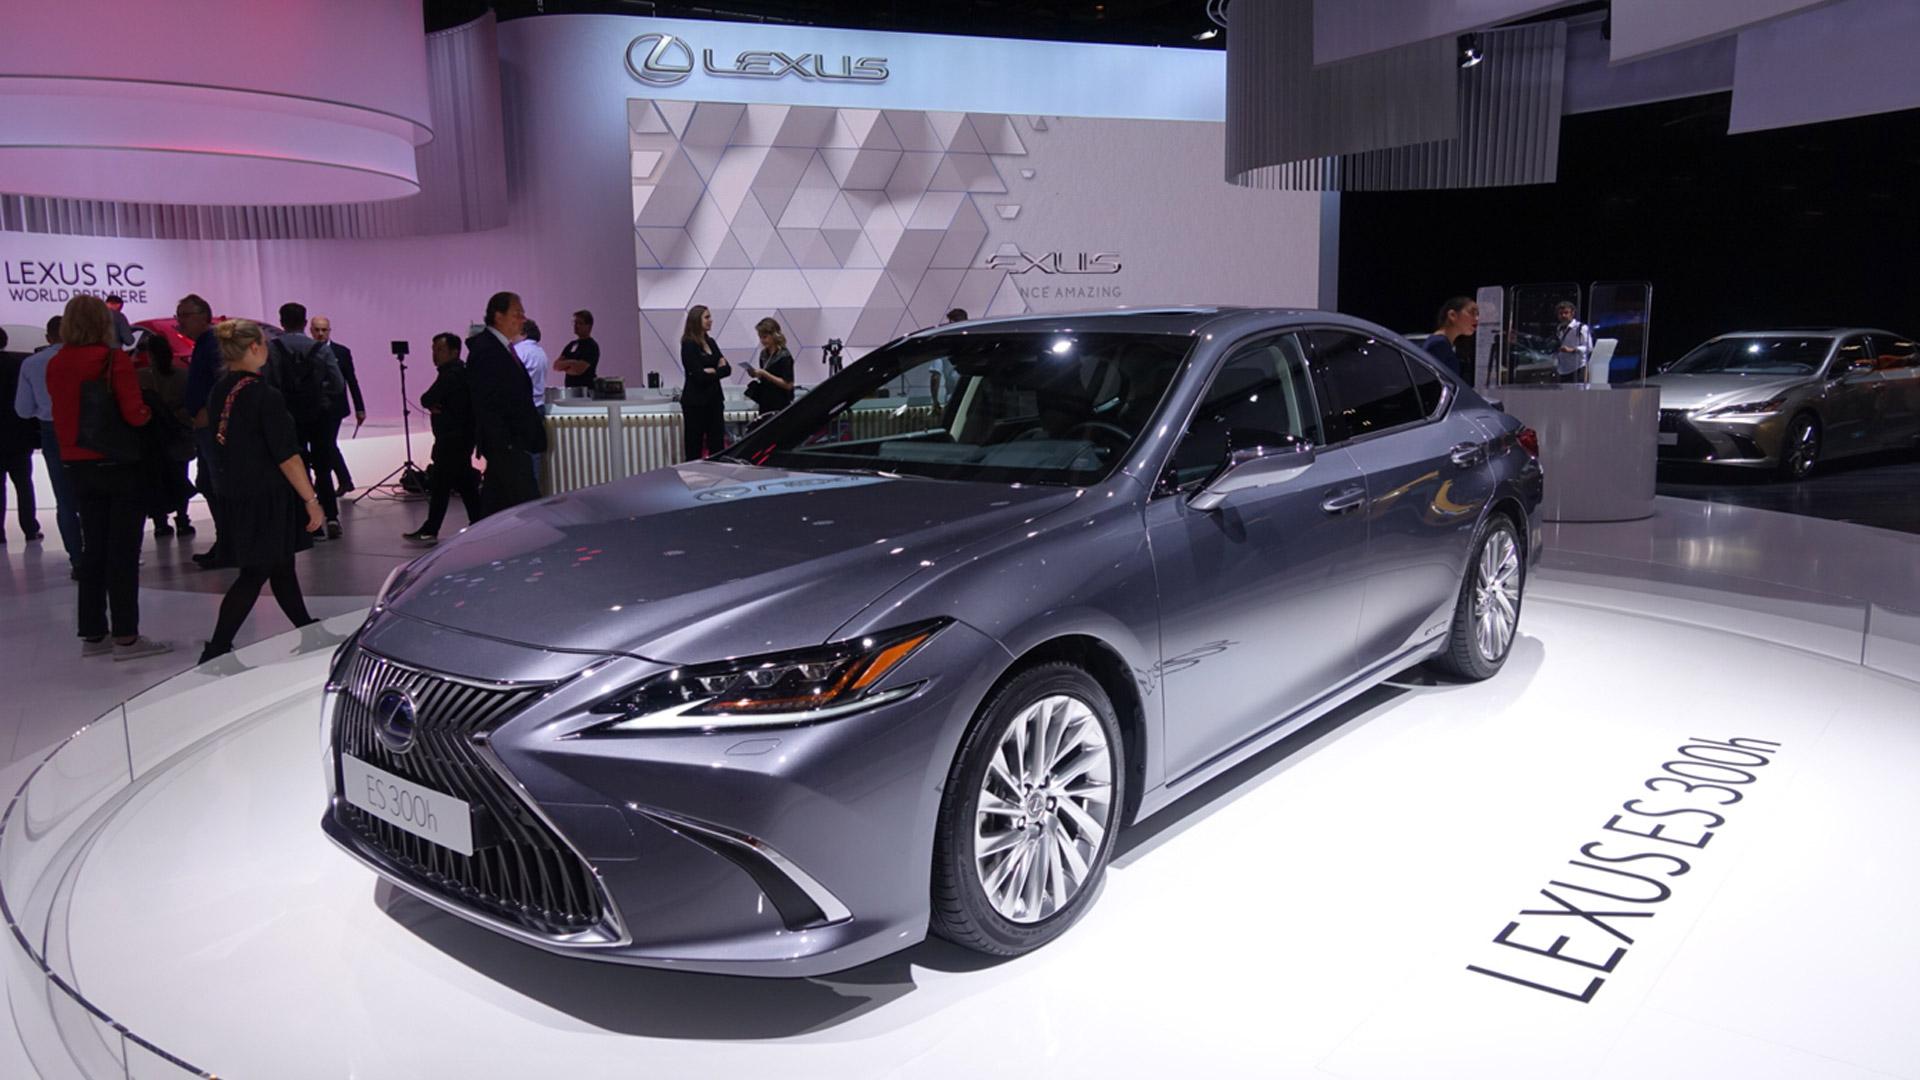 Lexus Paris Otomobil Fuari gallery02